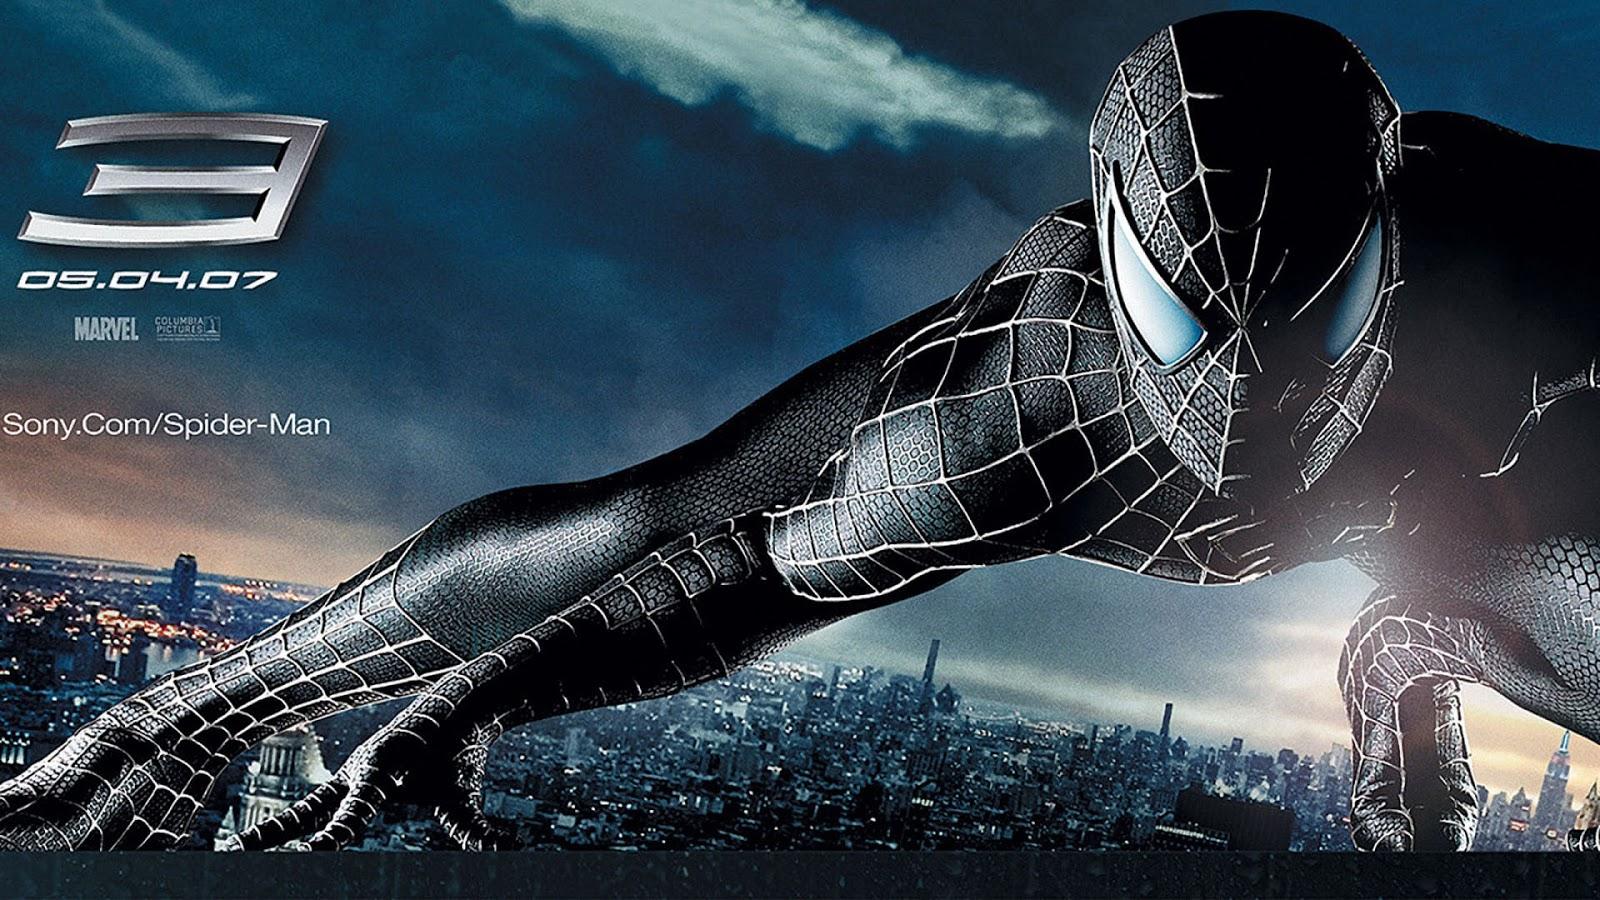 Spiderman Movie Wallpaper Free Download